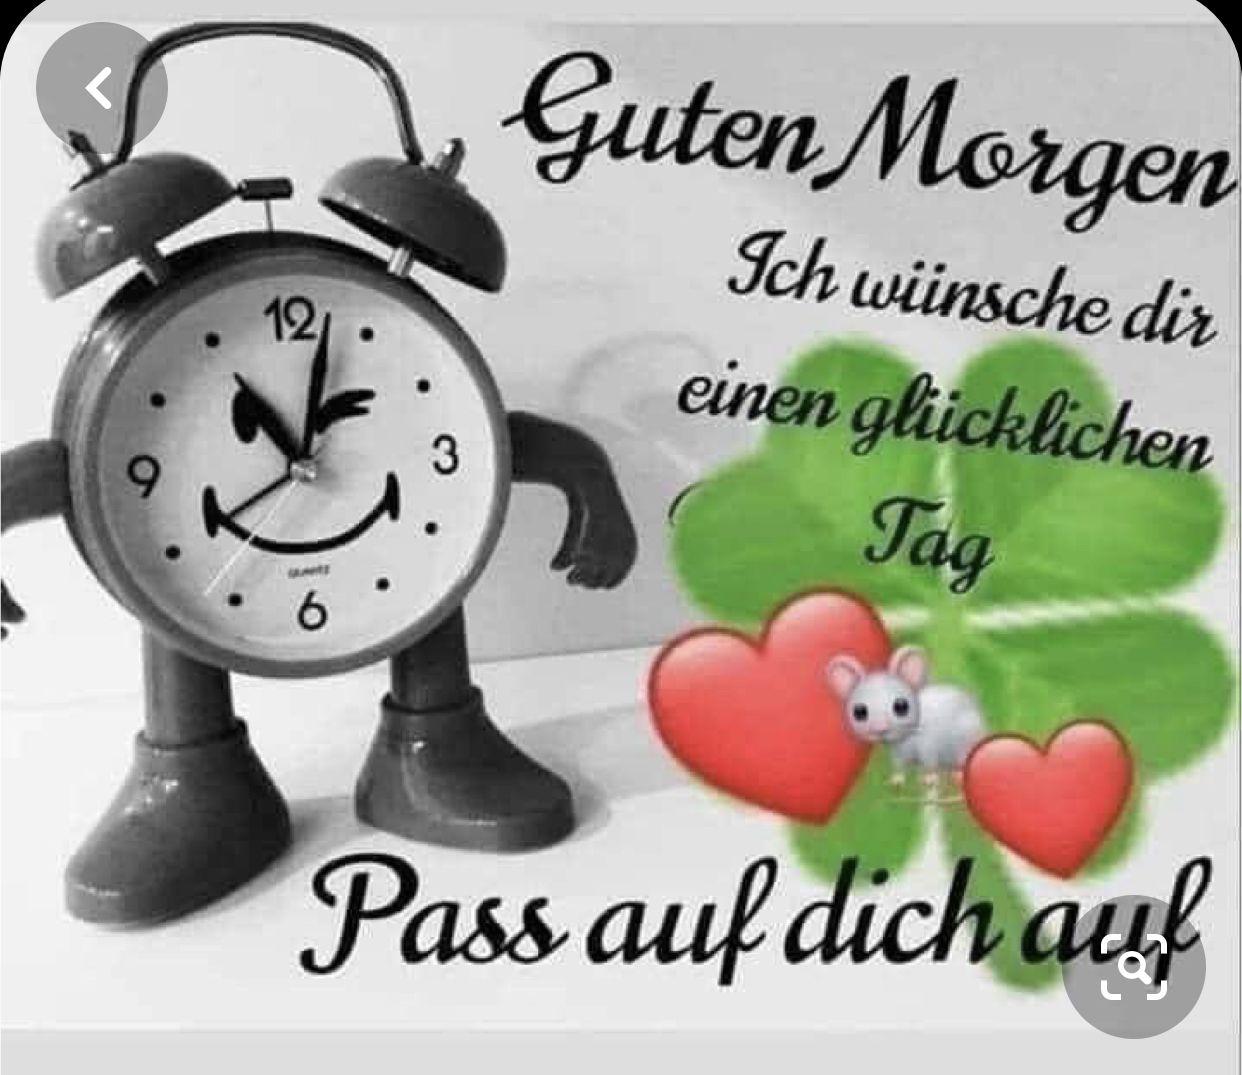 Pin Von Sabine Gottschling Auf Spruche In 2020 Liebe Guten Morgen Grusse Guten Morgen Lustig Guten Morgen